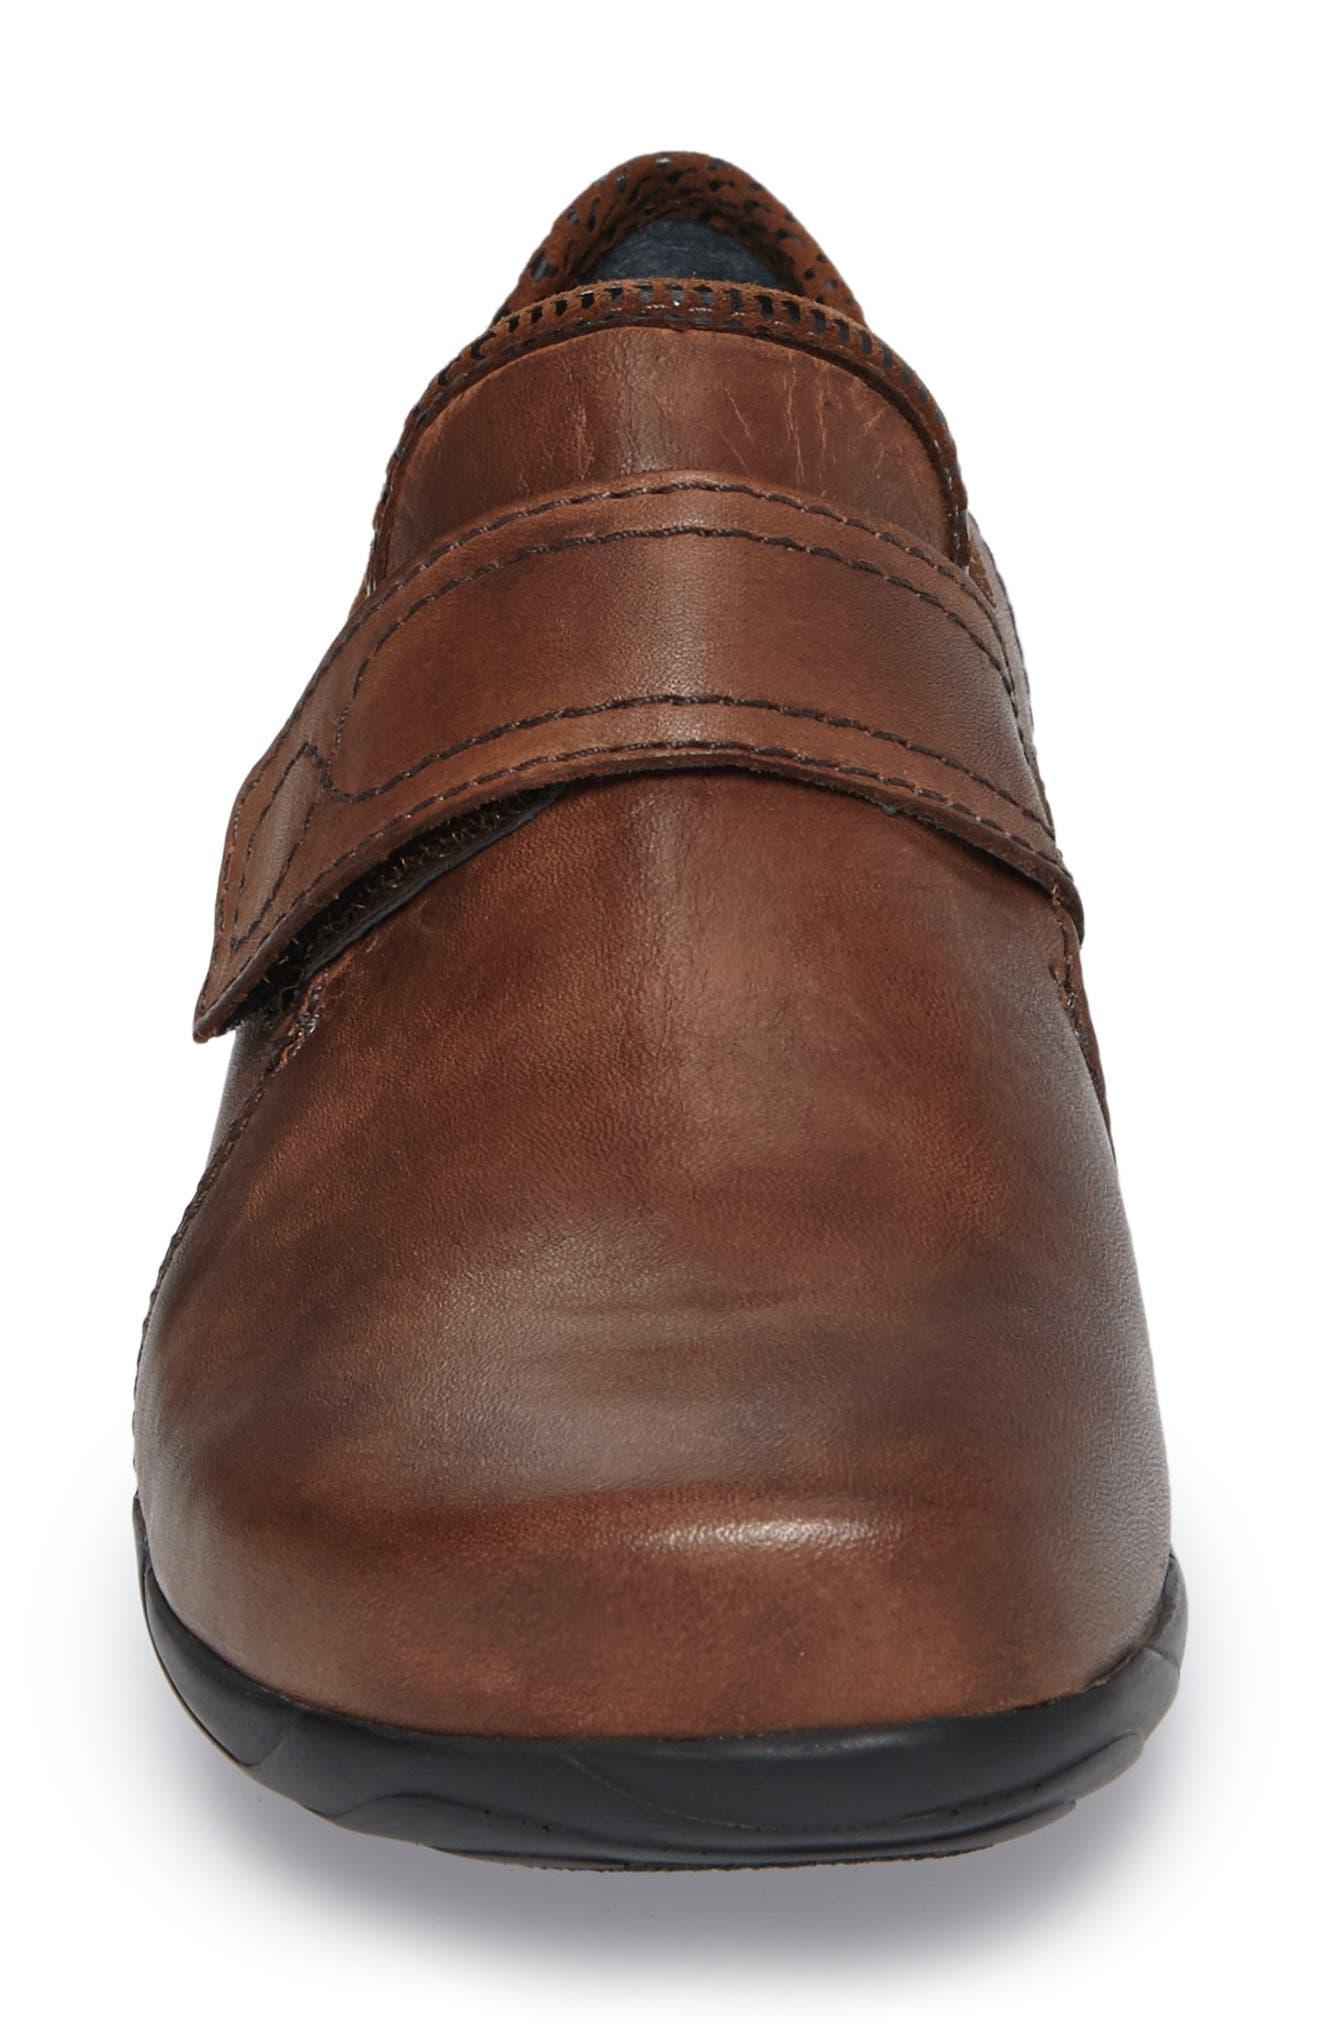 Alternate Image 4  - Wolky Desna Slip-On Sneaker (Women)